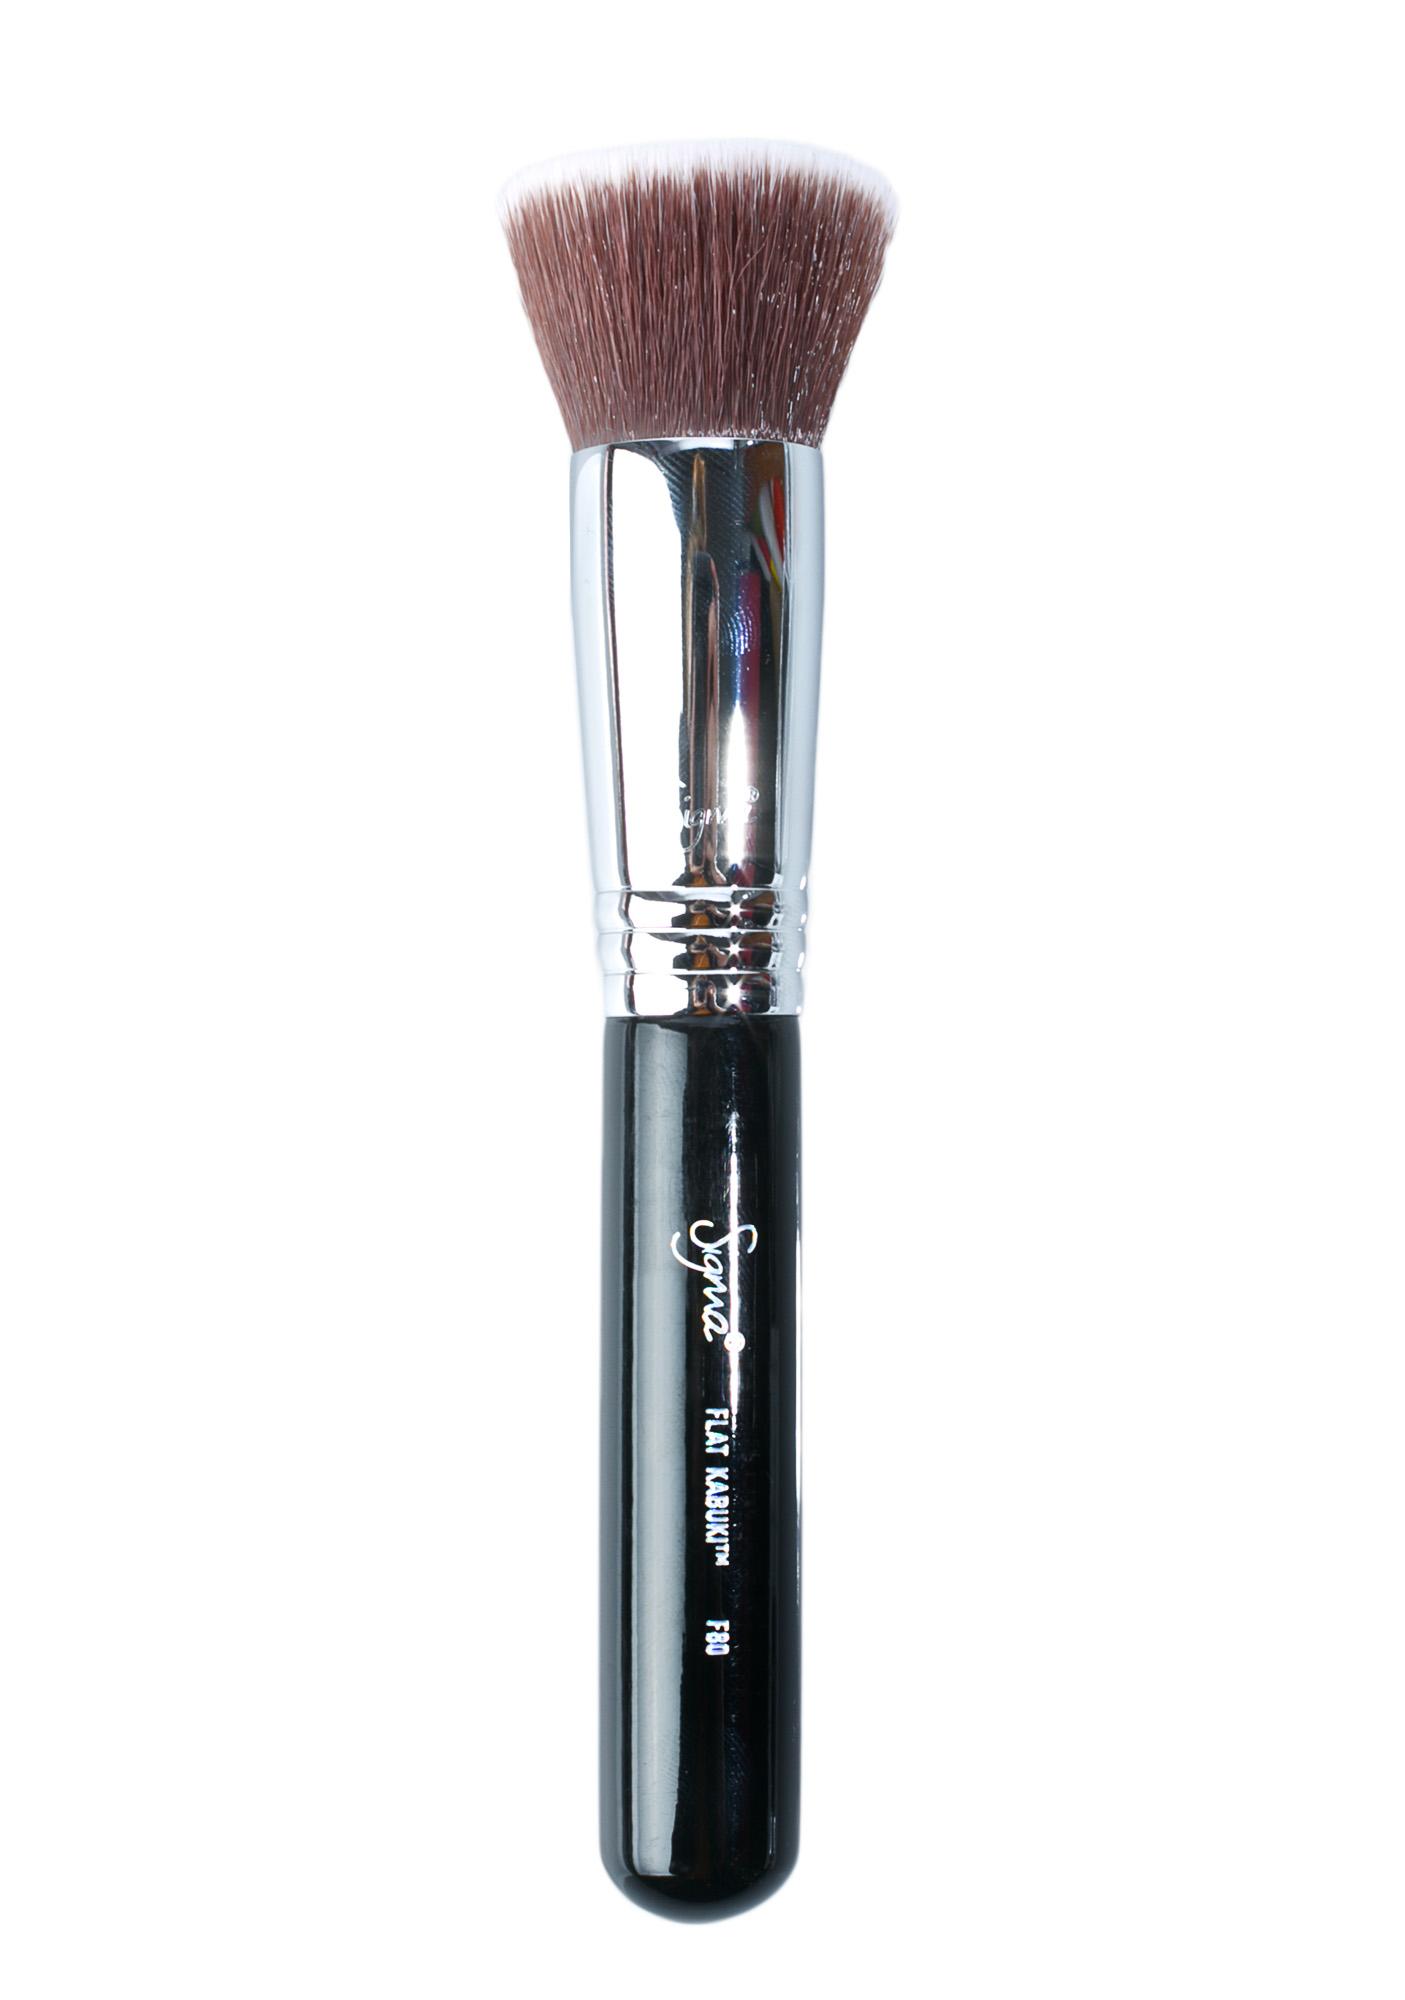 Sigma F80 Flat Kabuki Brush